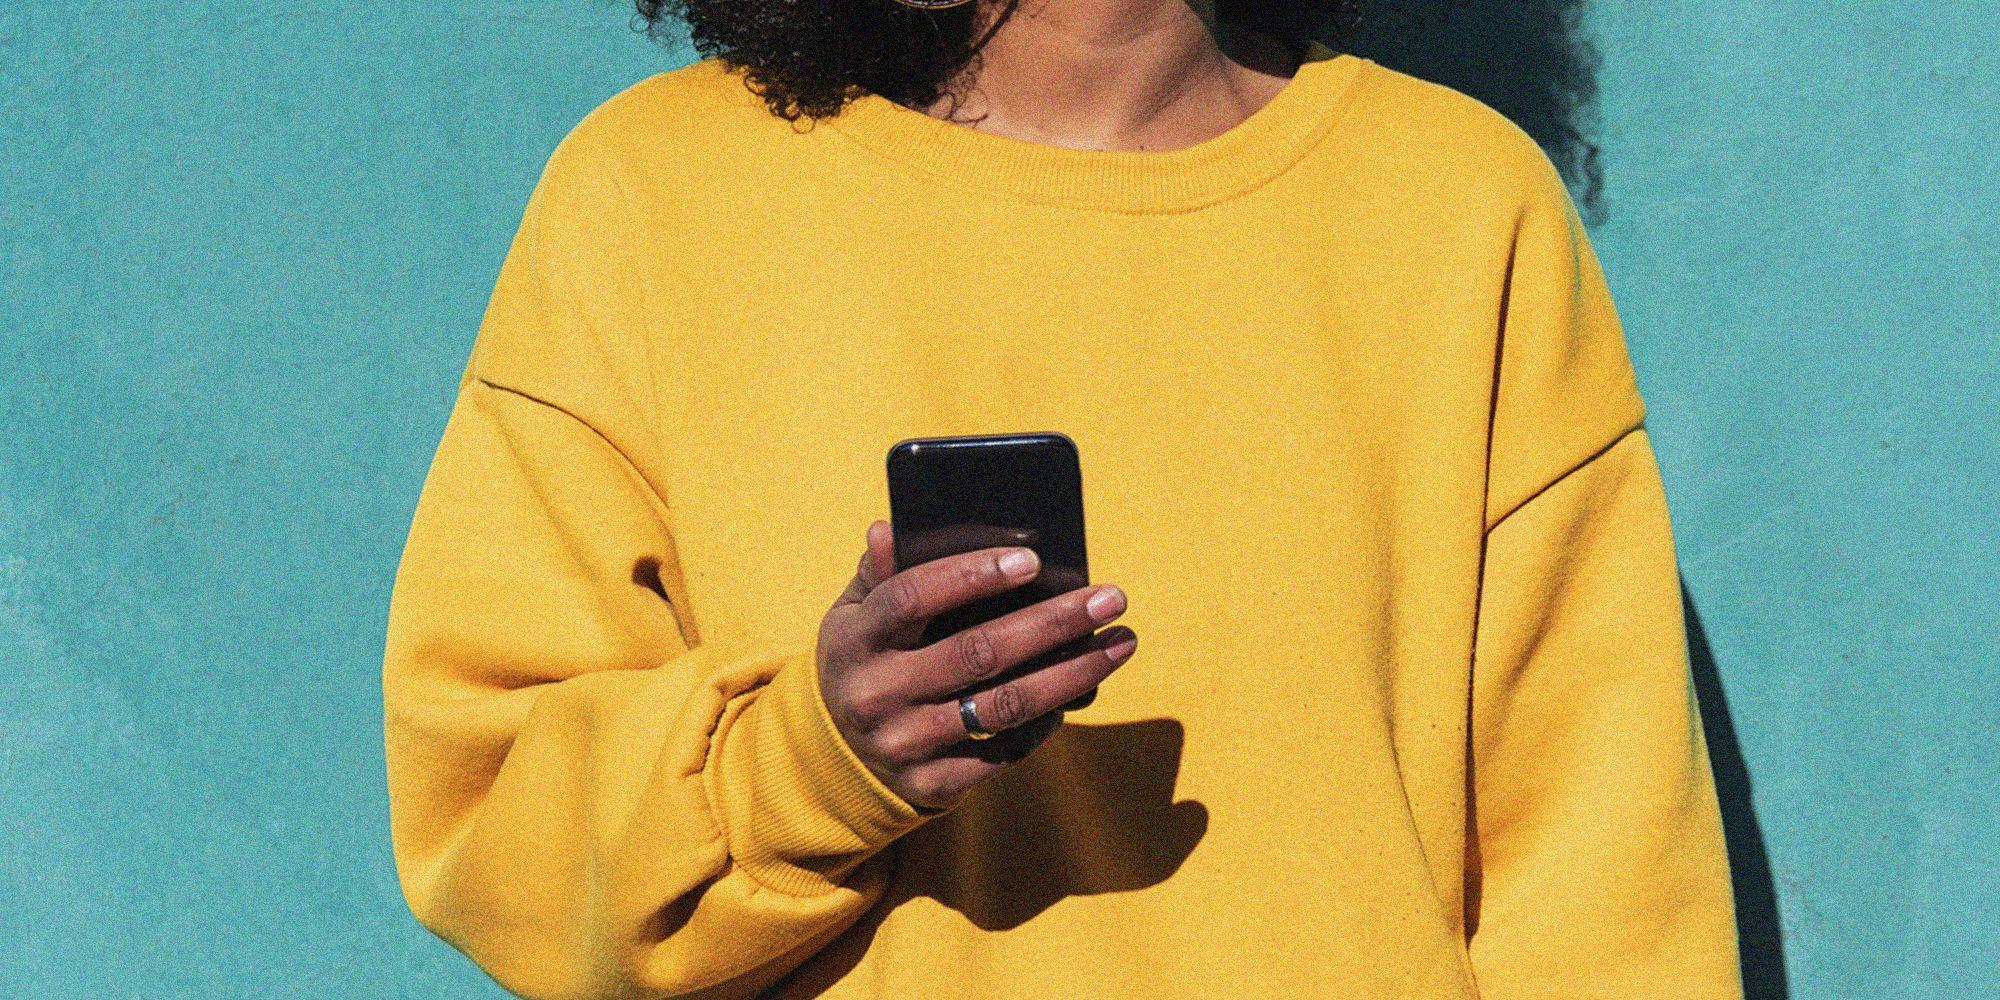 20 domande divertenti da fare in chat al fidanzato o alla partner per ridere insieme (anche a distanza)